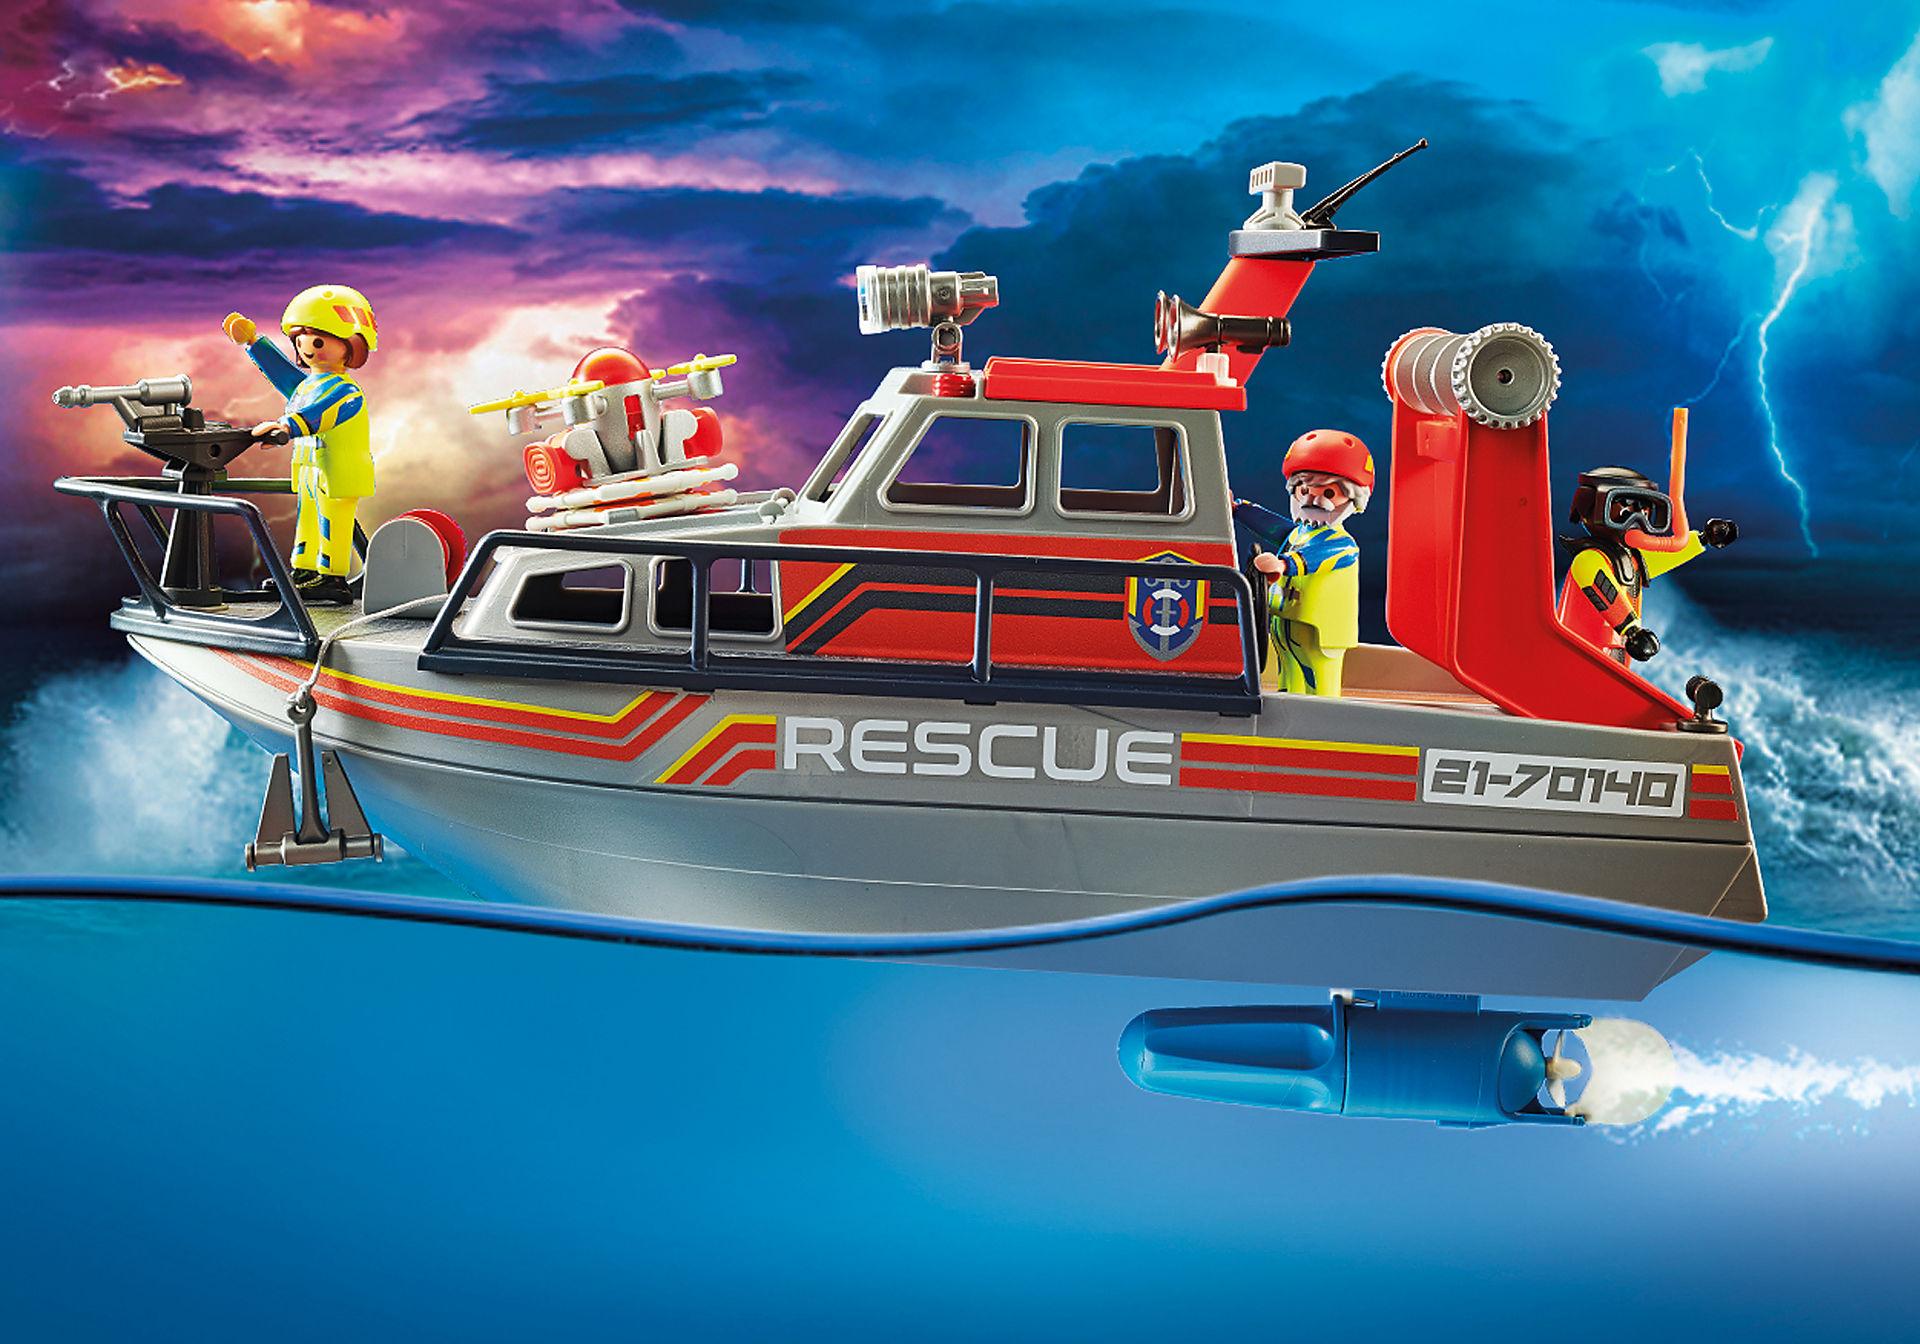 70140 Skibsredning: Slukningsudstyr med redningsbåd zoom image4